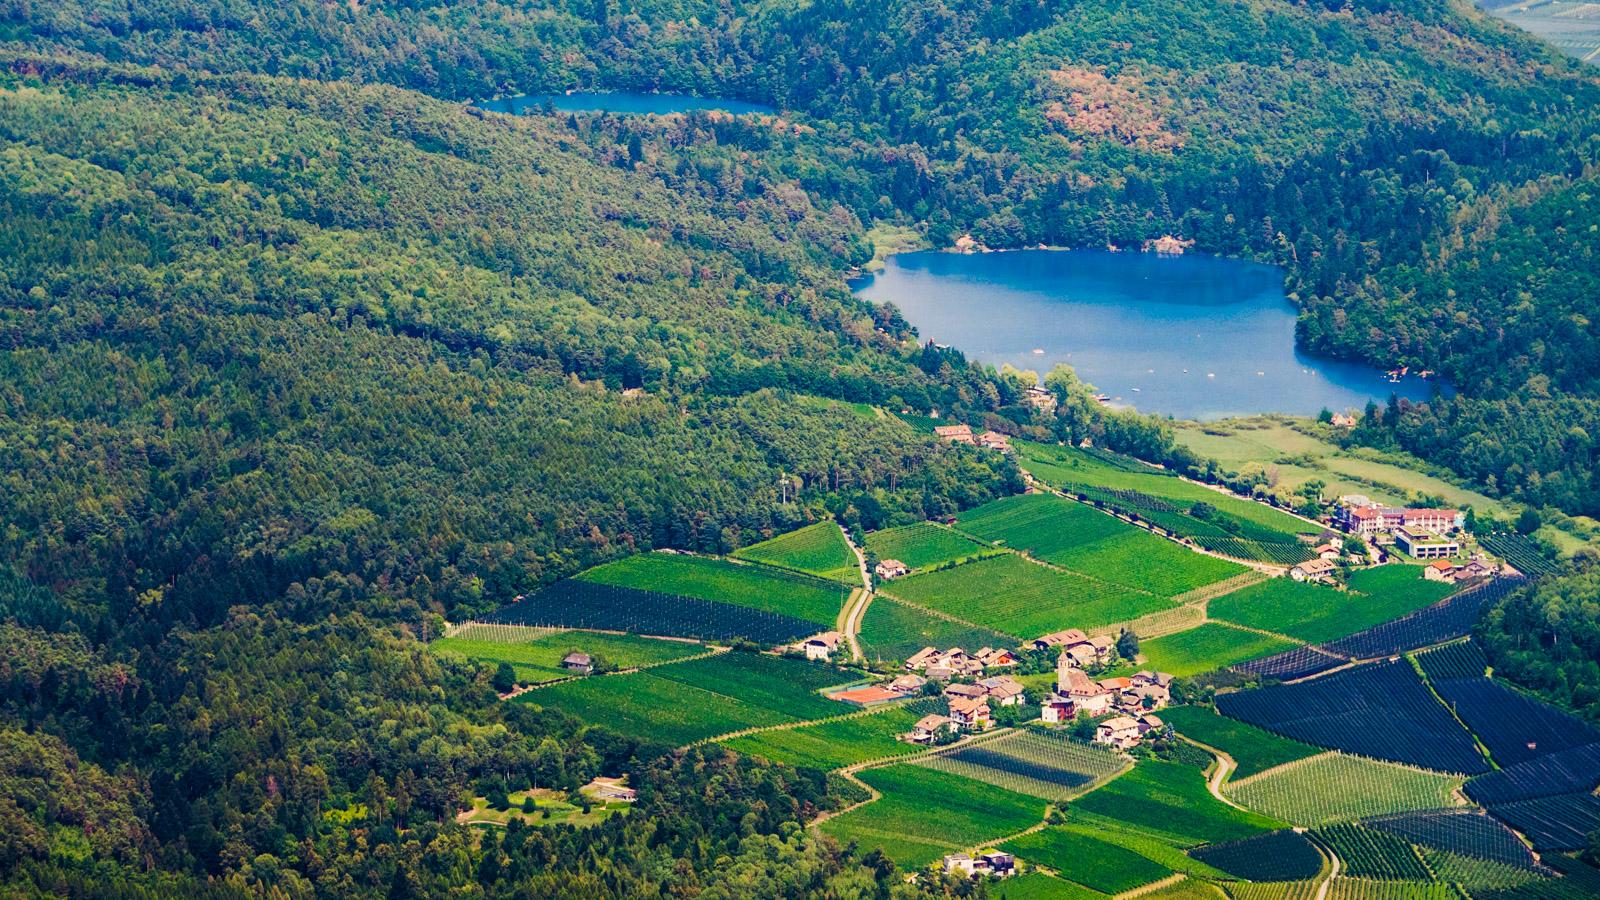 Blick auf Montiggl und die beiden Montiggler Seen